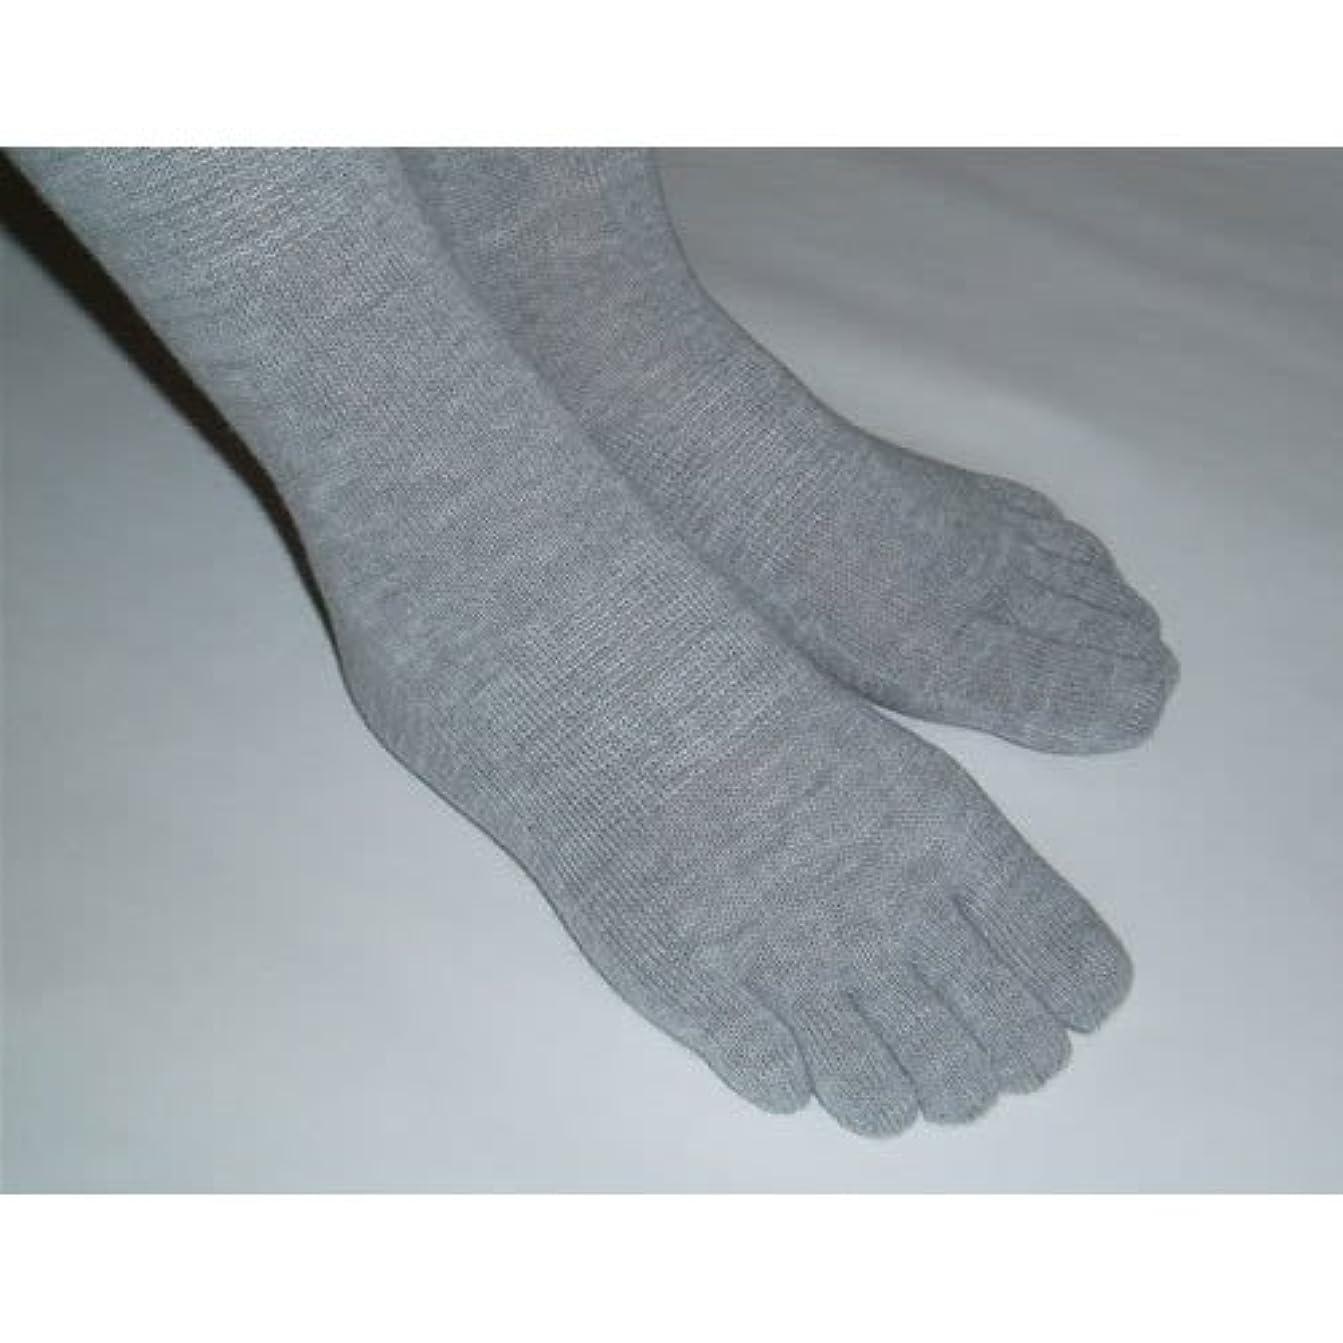 脈拍概要幸運5本指ソックス 婦人(22-24cm)サイズ 【炭の靴下】